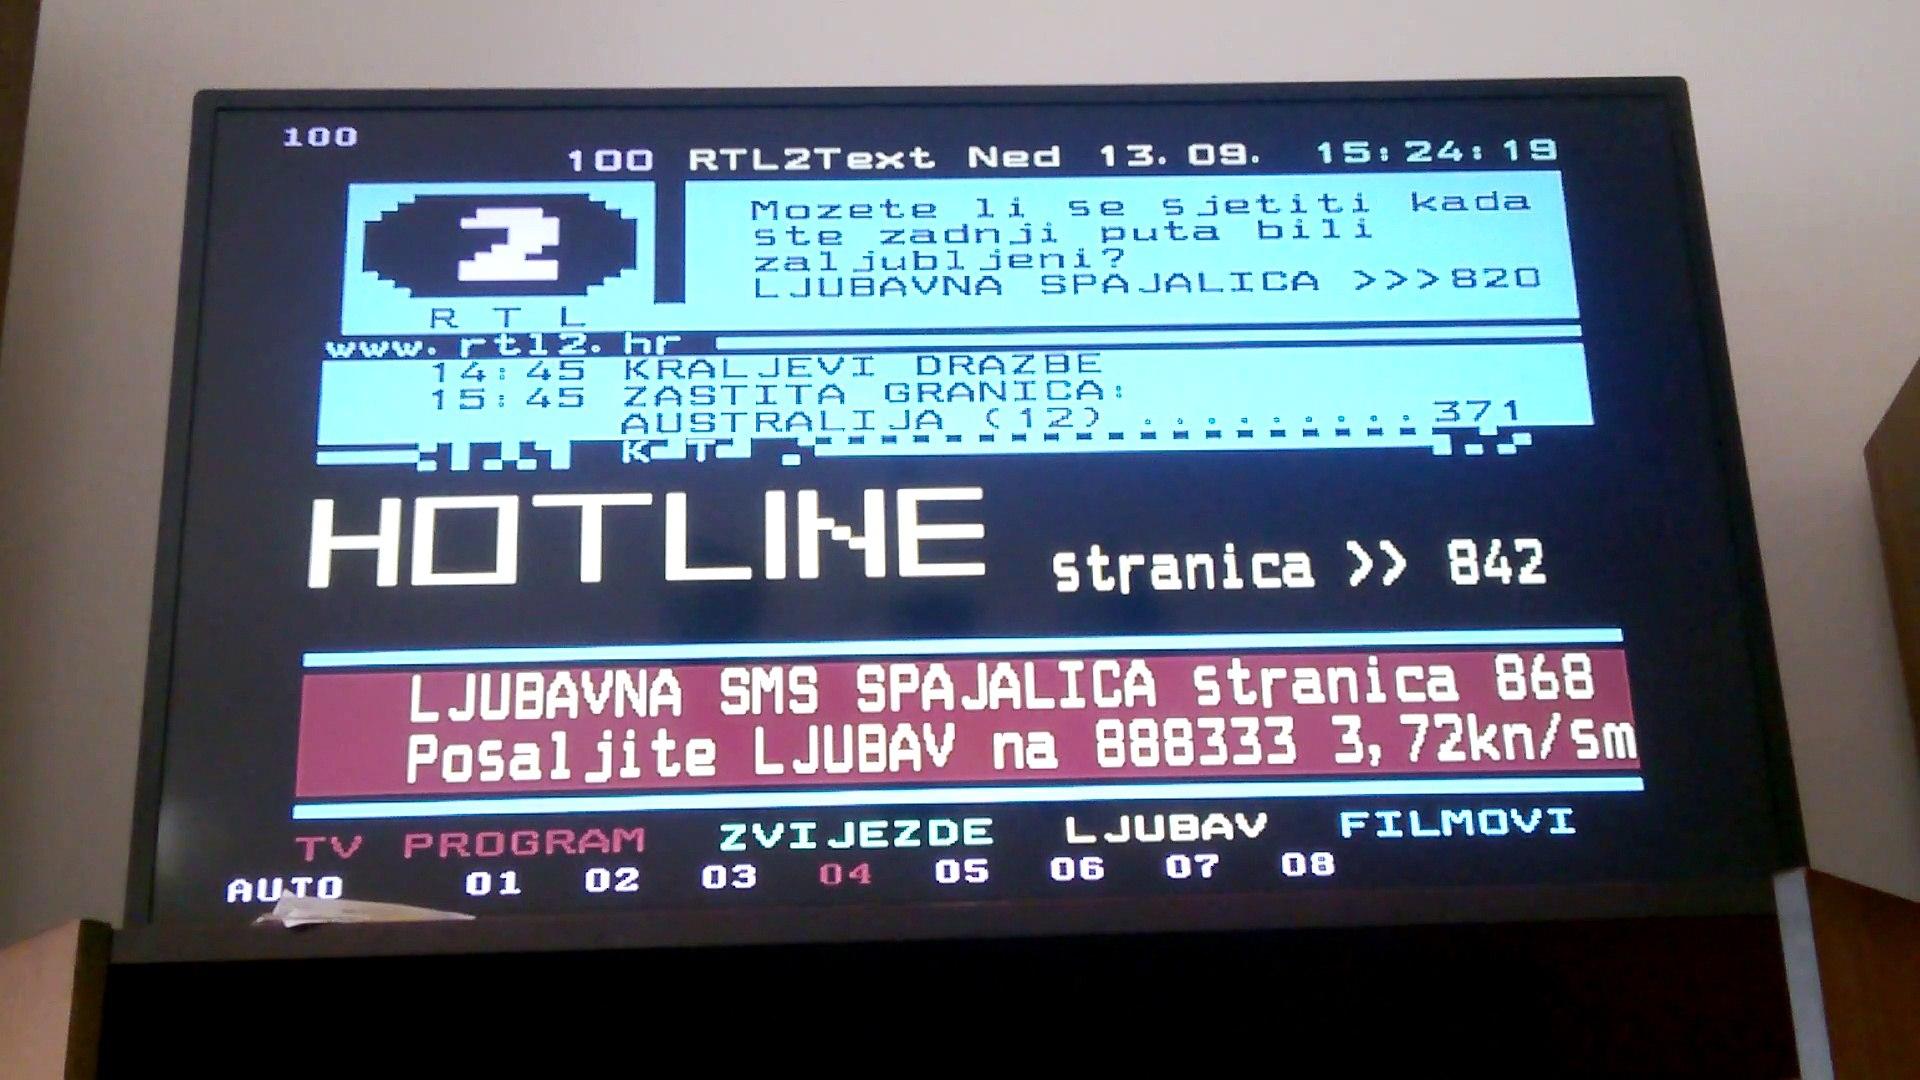 Sms spajalica hrvatska Sms spajalica